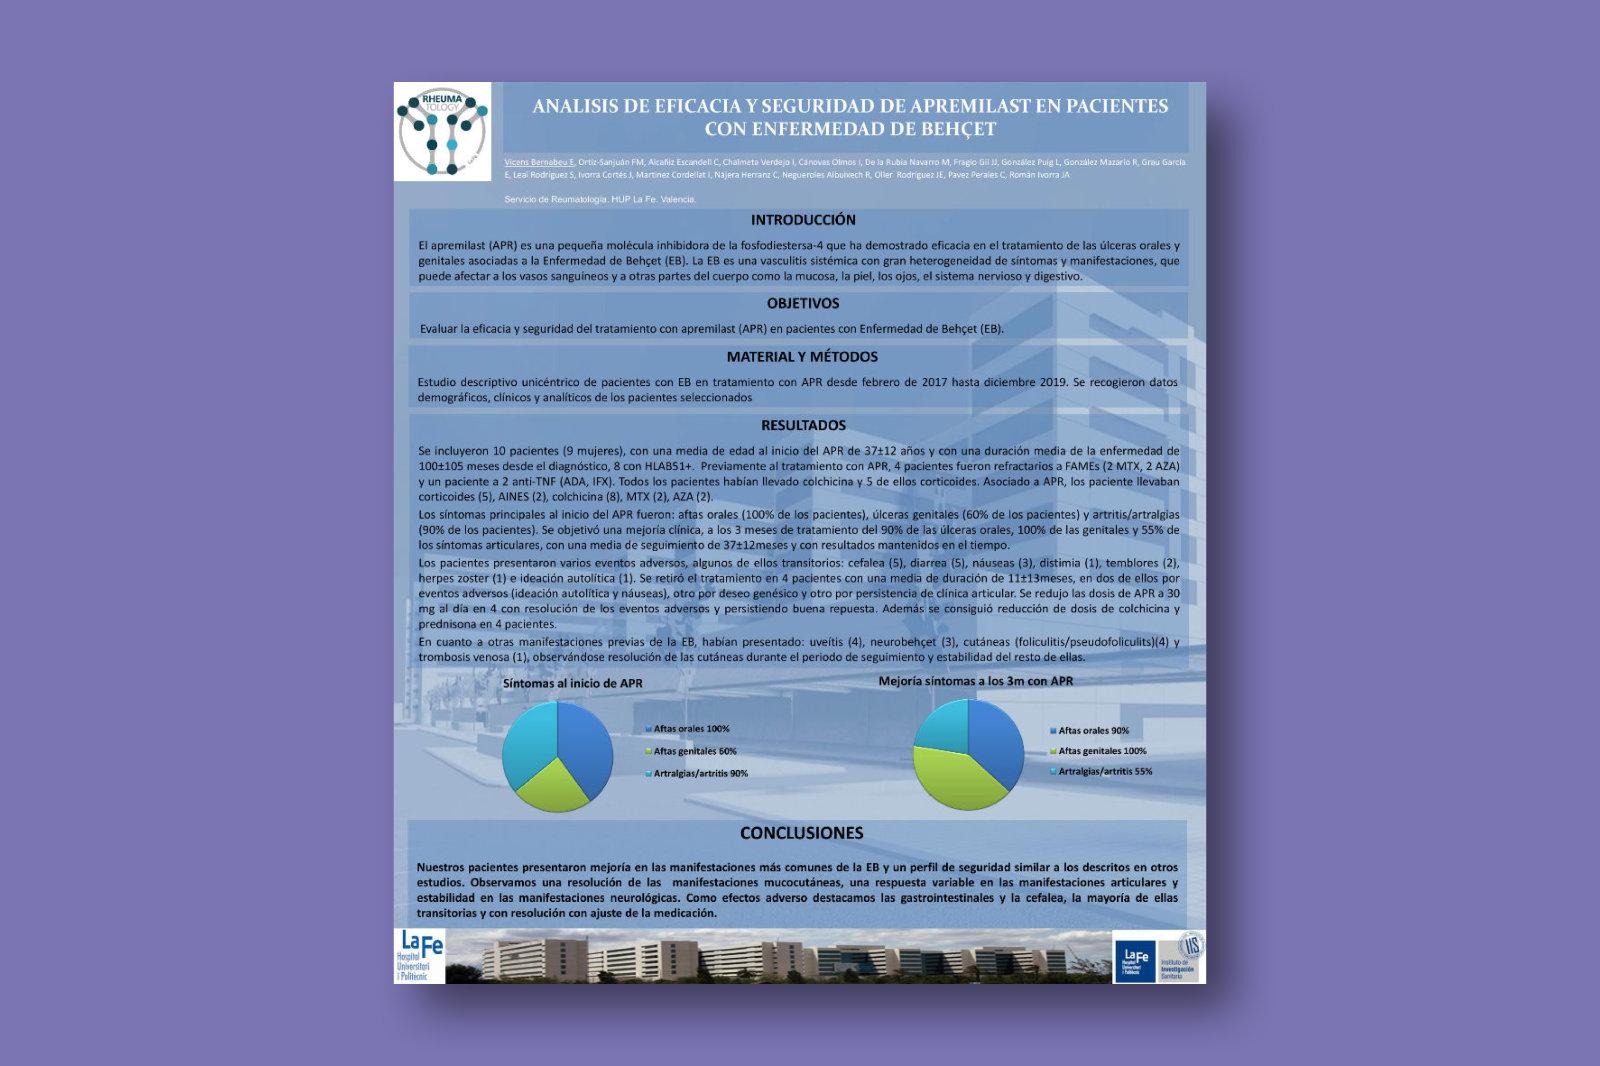 Analisis de eficacia y seguridad de apremilast en pacientes con enfermedad de Behçet